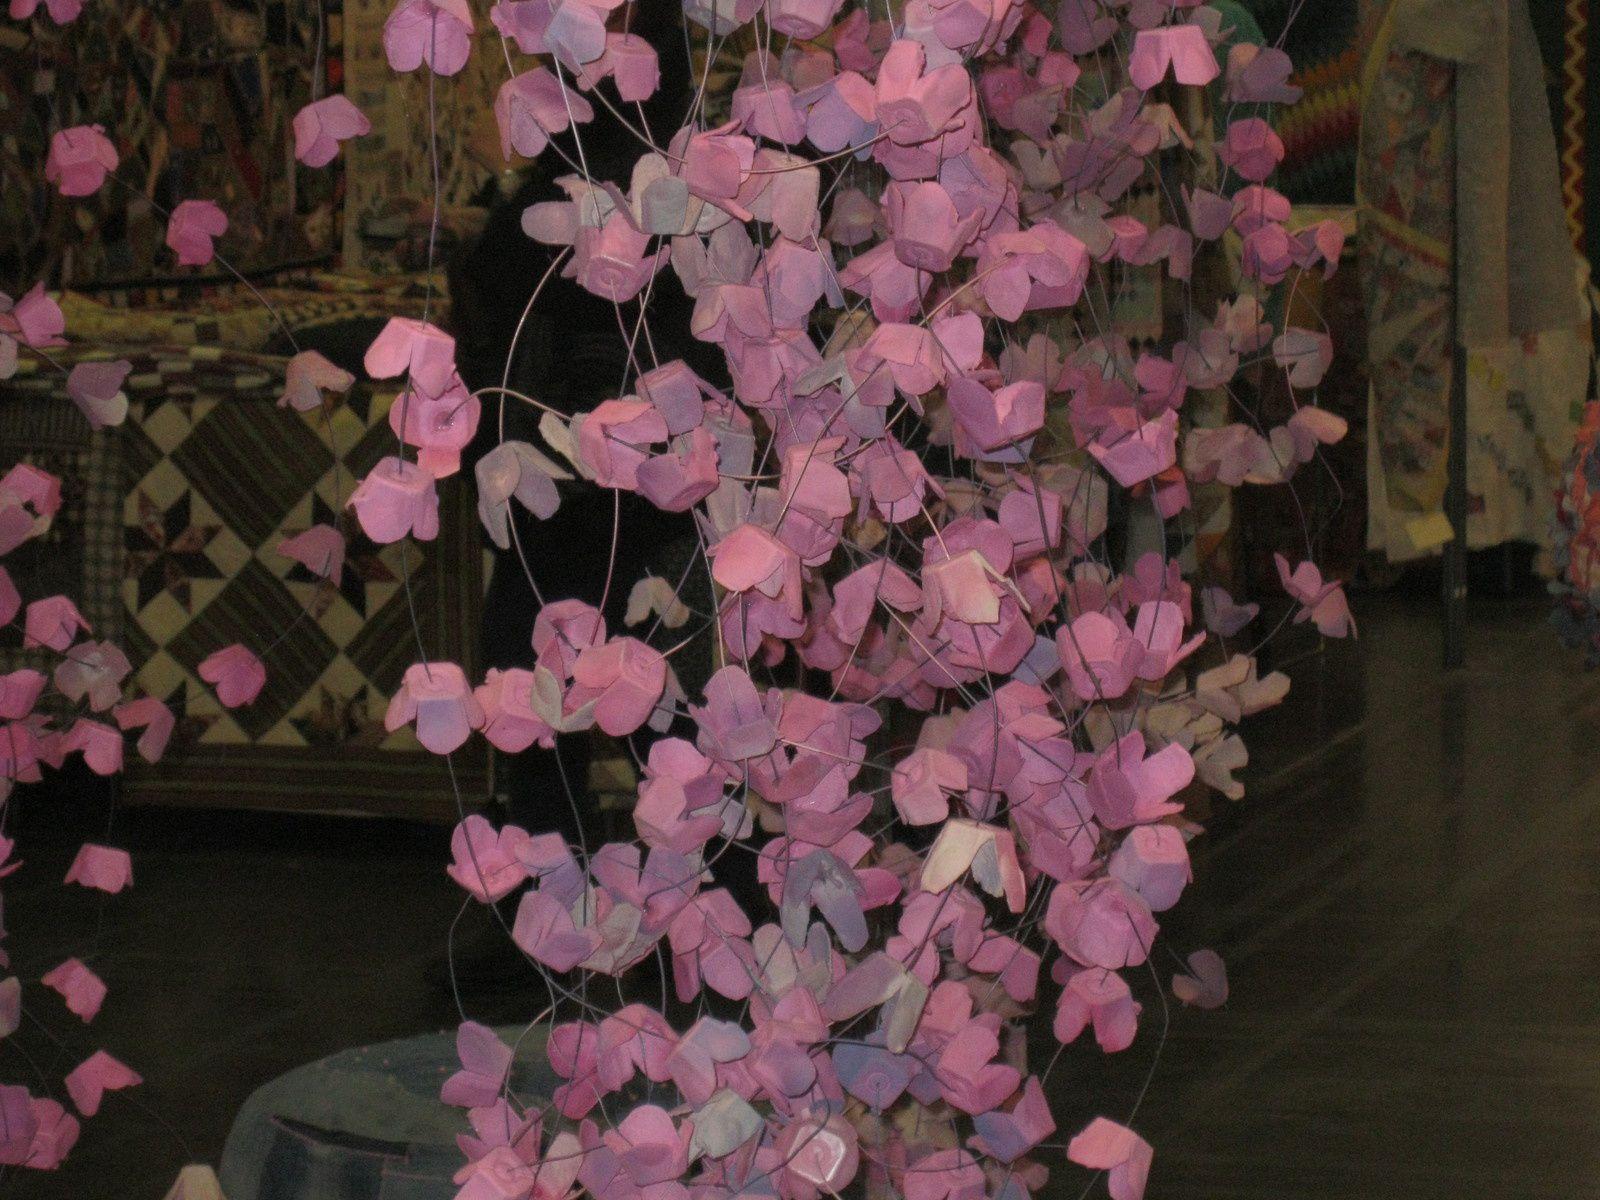 Fleurs de cerisier faites avec.... des boîtes à oeufs. Quelle merveilleuse idée.